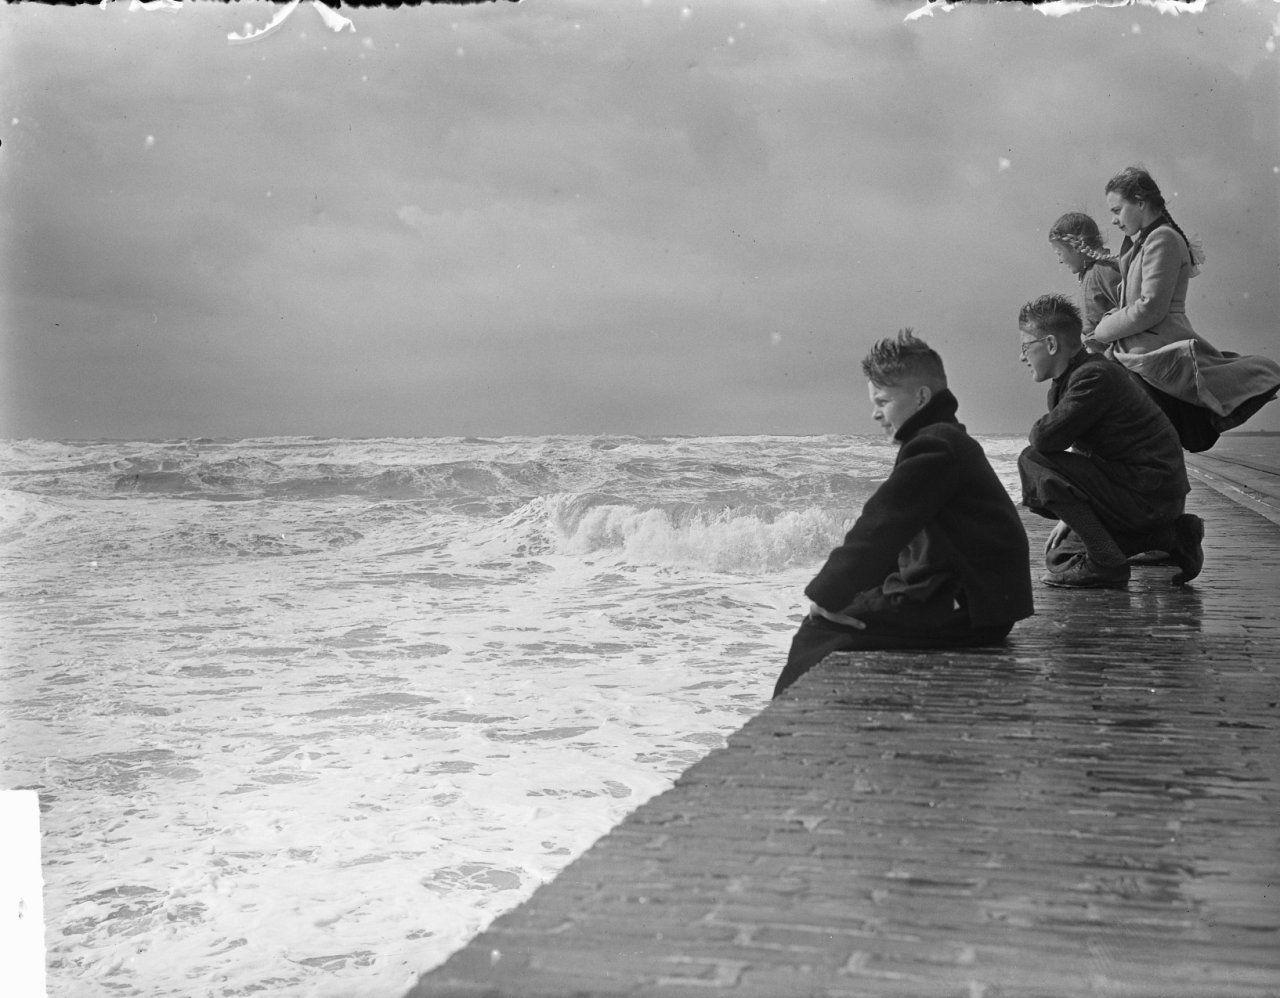 Storm in IJmuiden (1950)